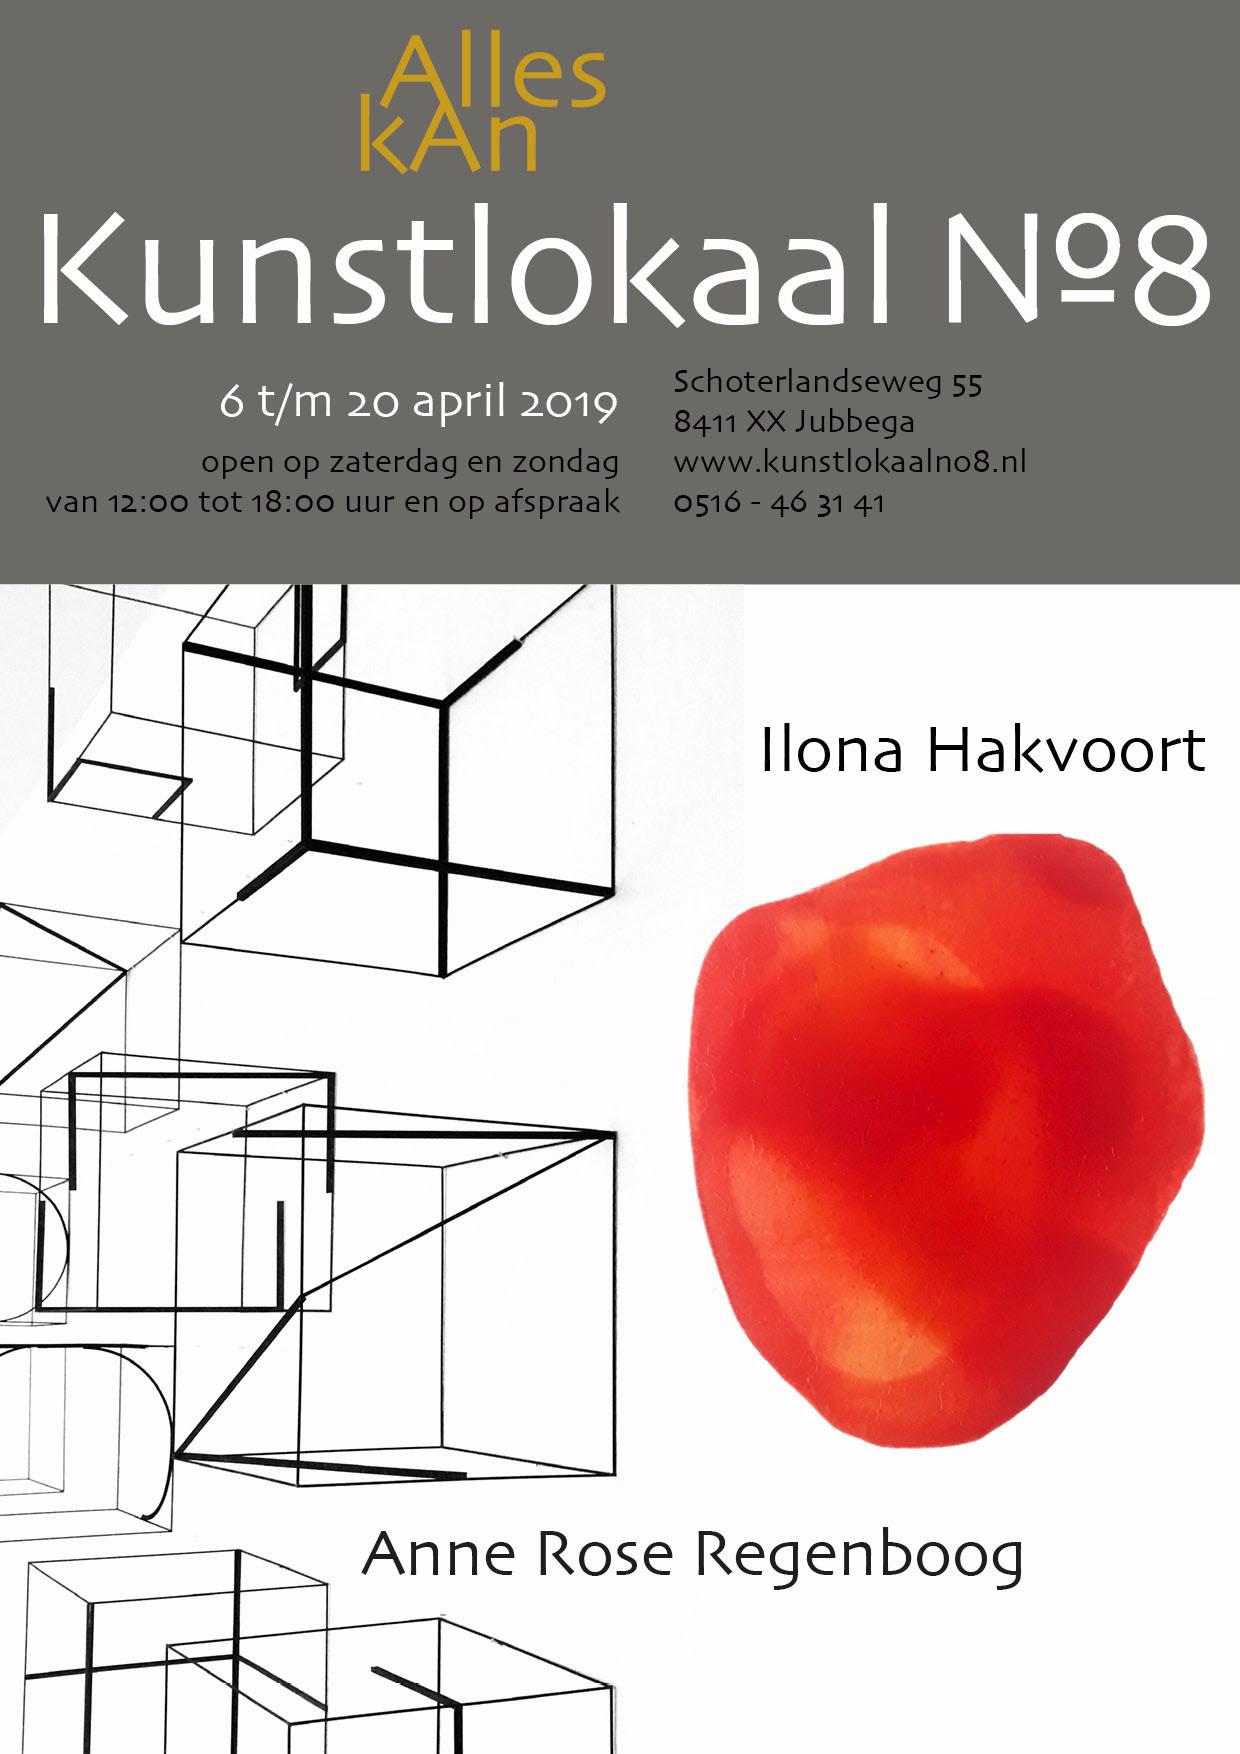 affiche Ilona Hakvoort | Anne Rose Regenboog